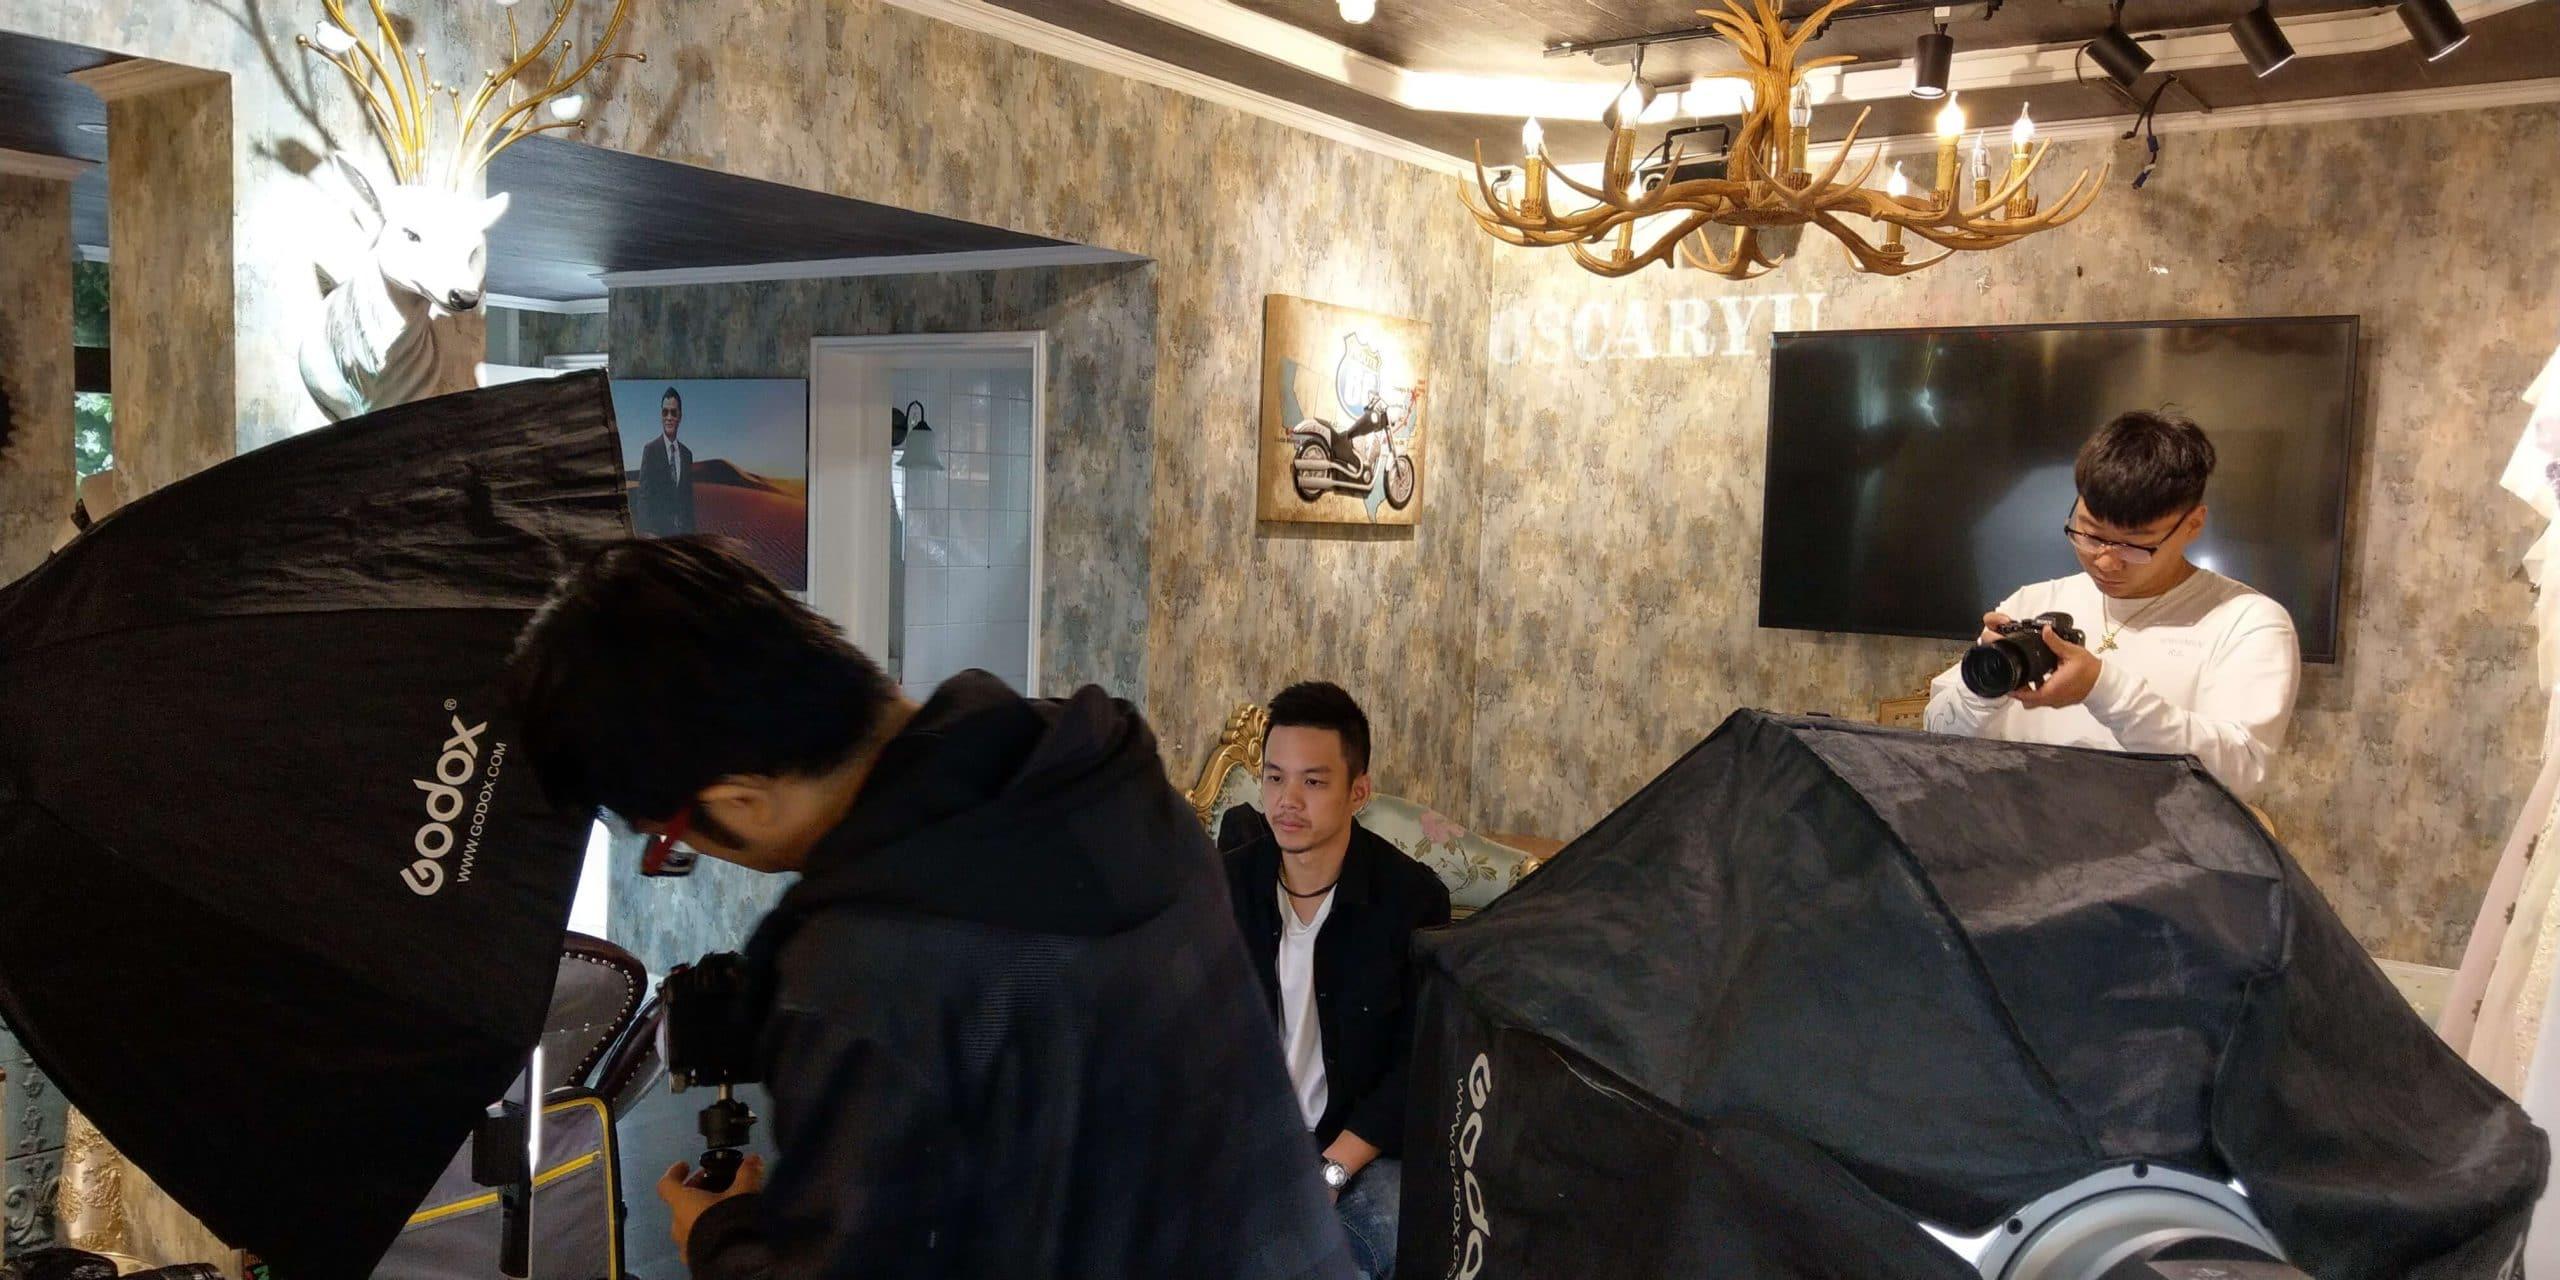 星澤國際-讓世界都看見-電視專訪節目-上海奧斯卡俞大攝滙